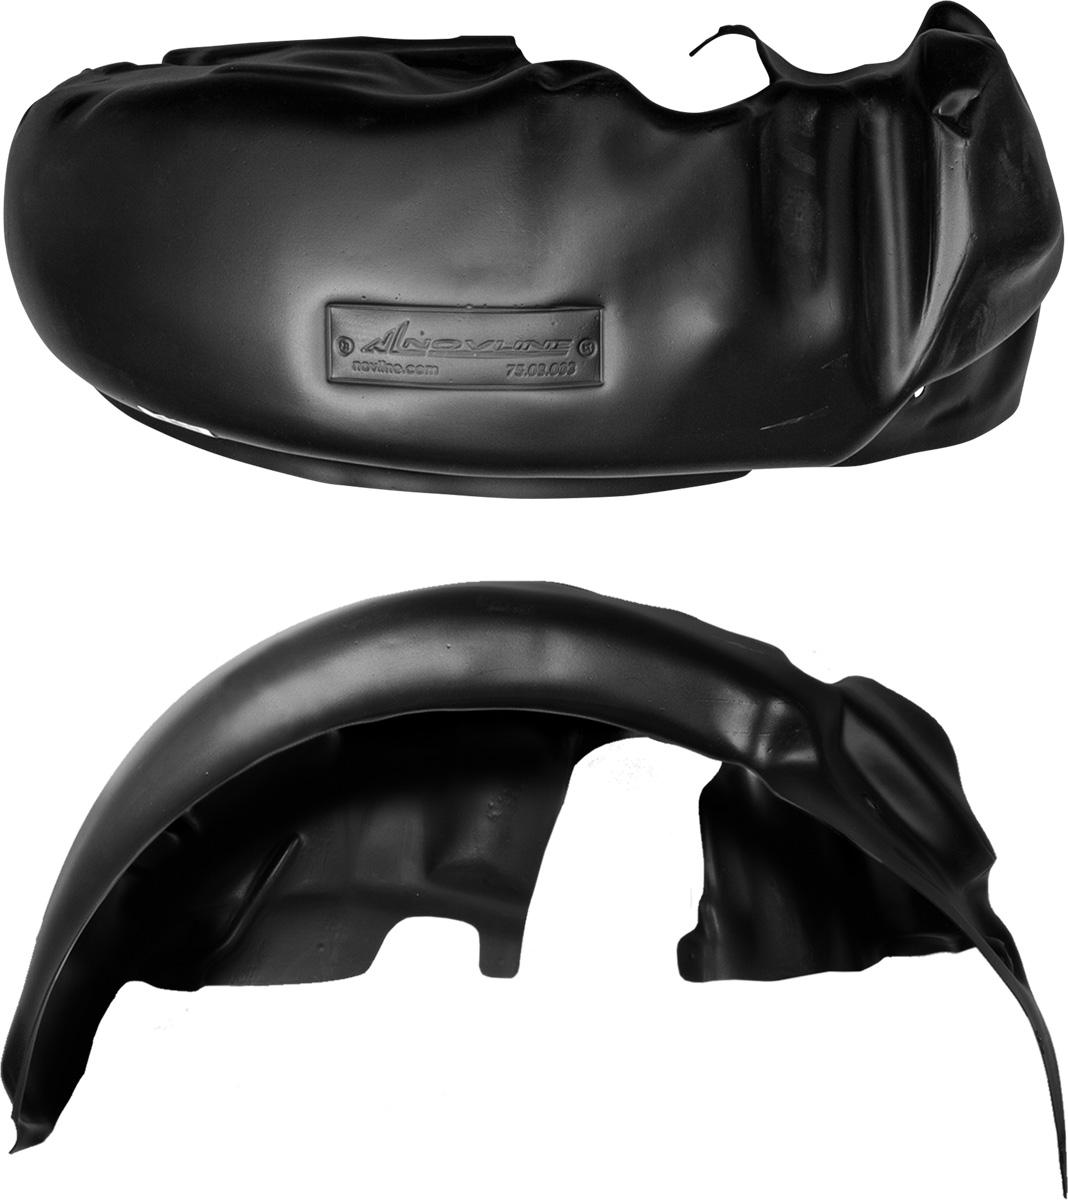 Подкрылок Novline-Autofamily, для Hyundai Solaris, 2010-2014, седан, хэтчбек (передний правый)SVC-300Подкрылок выполнен из высококачественного, экологически чистого пластика. Обеспечивает надежную защиту кузова автомобиля от пескоструйного эффекта и негативного влияния, агрессивных антигололедных реагентов. Пластик обладает более низкой теплопроводностью, чем металл, поэтому в зимний период эксплуатации использование пластиковых подкрылков позволяет лучше защитить колесные ниши от налипания снега и образования наледи. Оригинальность конструкции подчеркивает элегантность автомобиля, бережно защищает нанесенное на днище кузова антикоррозийное покрытие и позволяет осуществить крепление подкрылка внутри колесной арки практически без дополнительного крепежа и сверления, не нарушая при этом лакокрасочного покрытия, что предотвращает возникновение новых очагов коррозии. Технология крепления подкрылка на иномарки принципиально отличается от крепления на российские автомобили и разрабатывается индивидуально для каждой модели автомобиля. Подкрылок долговечен, обладает высокой прочностью и сохраняет заданную форму, а также все свои физико-механические характеристики в самых тяжелых климатических условиях ( от -50° С до + 50° С).